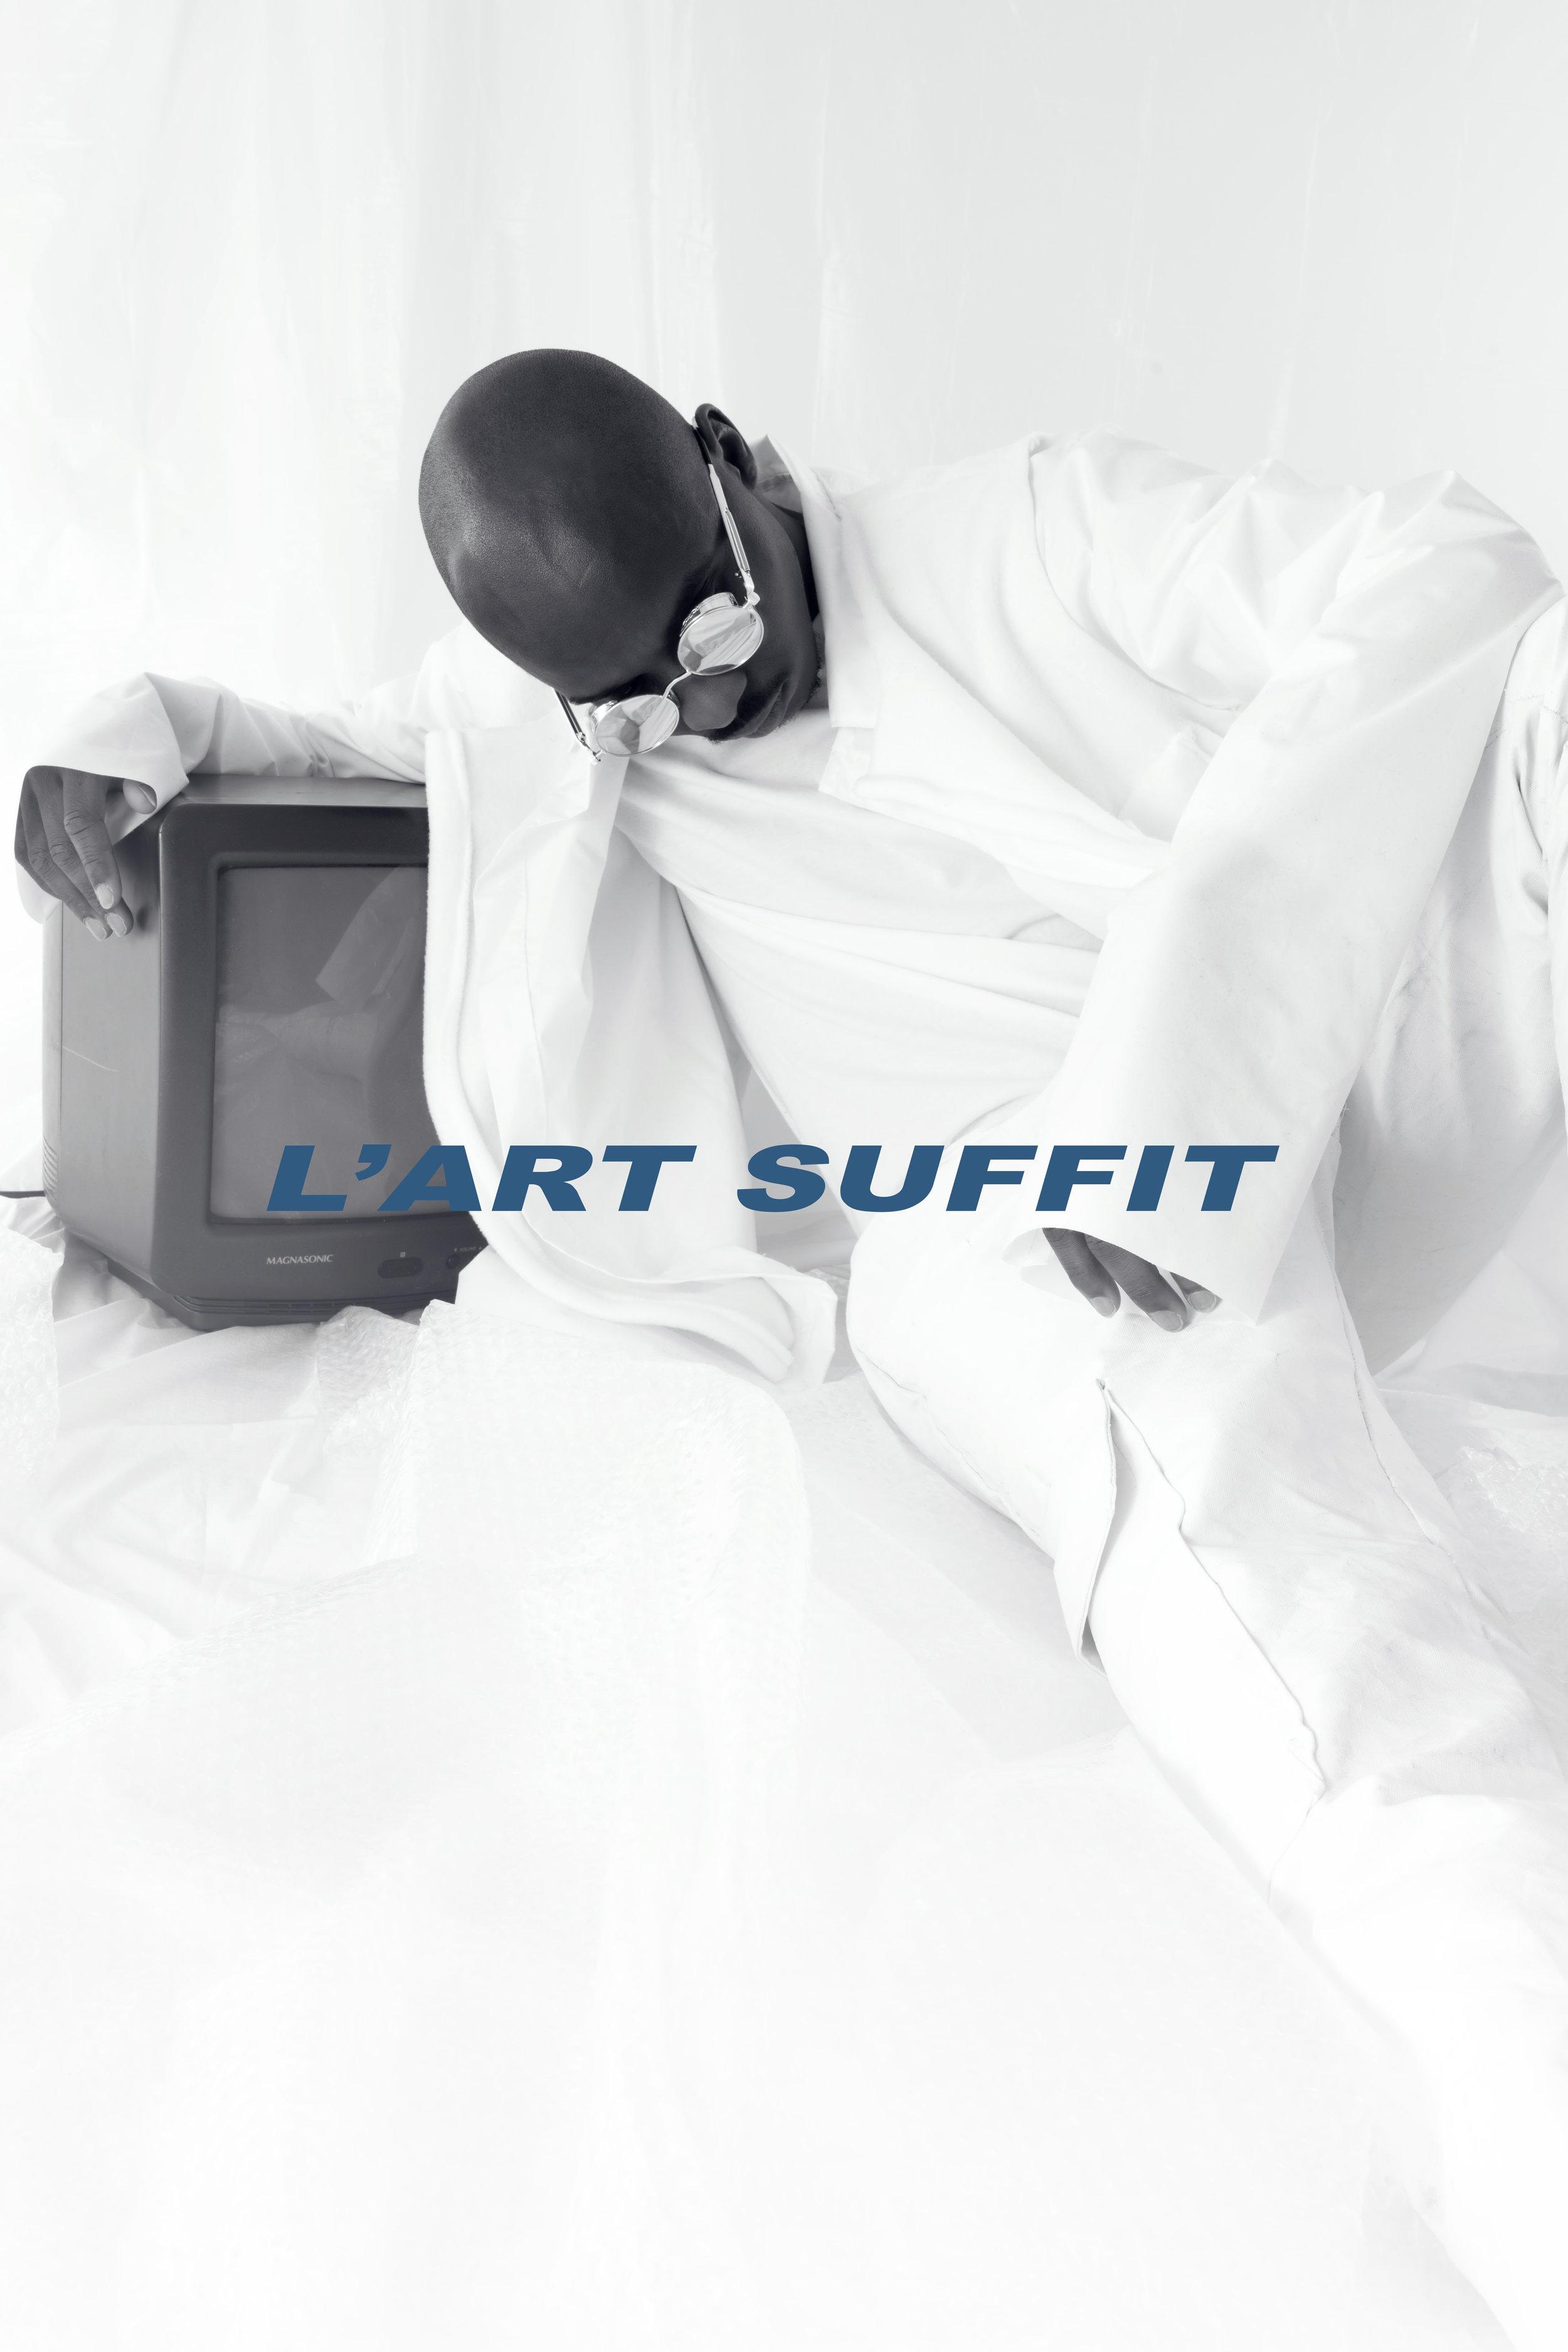 L'ART SUFFIT 10.jpg